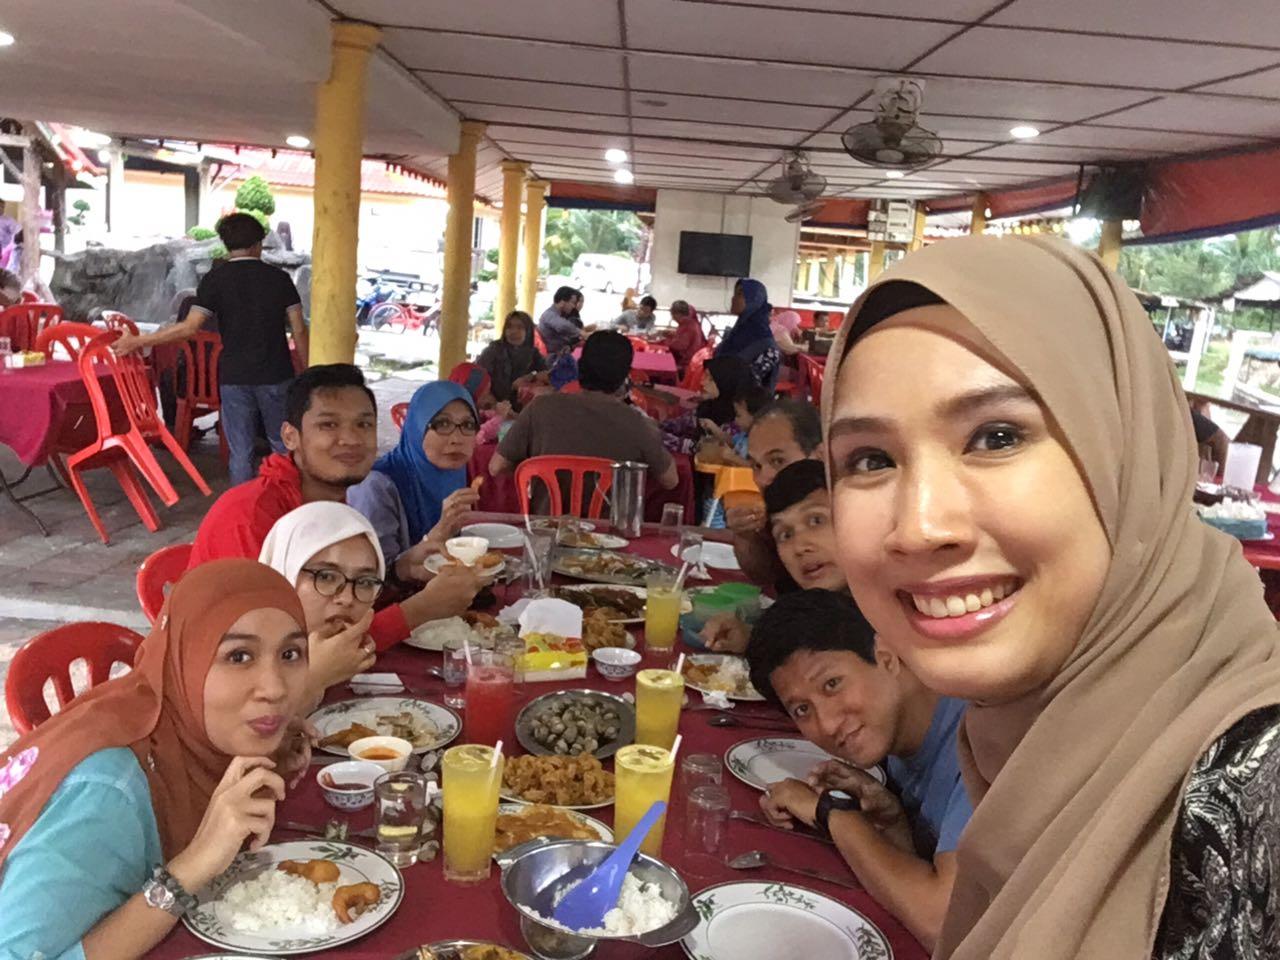 Restoran Medan Ikan Bakar Pantai Jeram - Jeram, Selangor